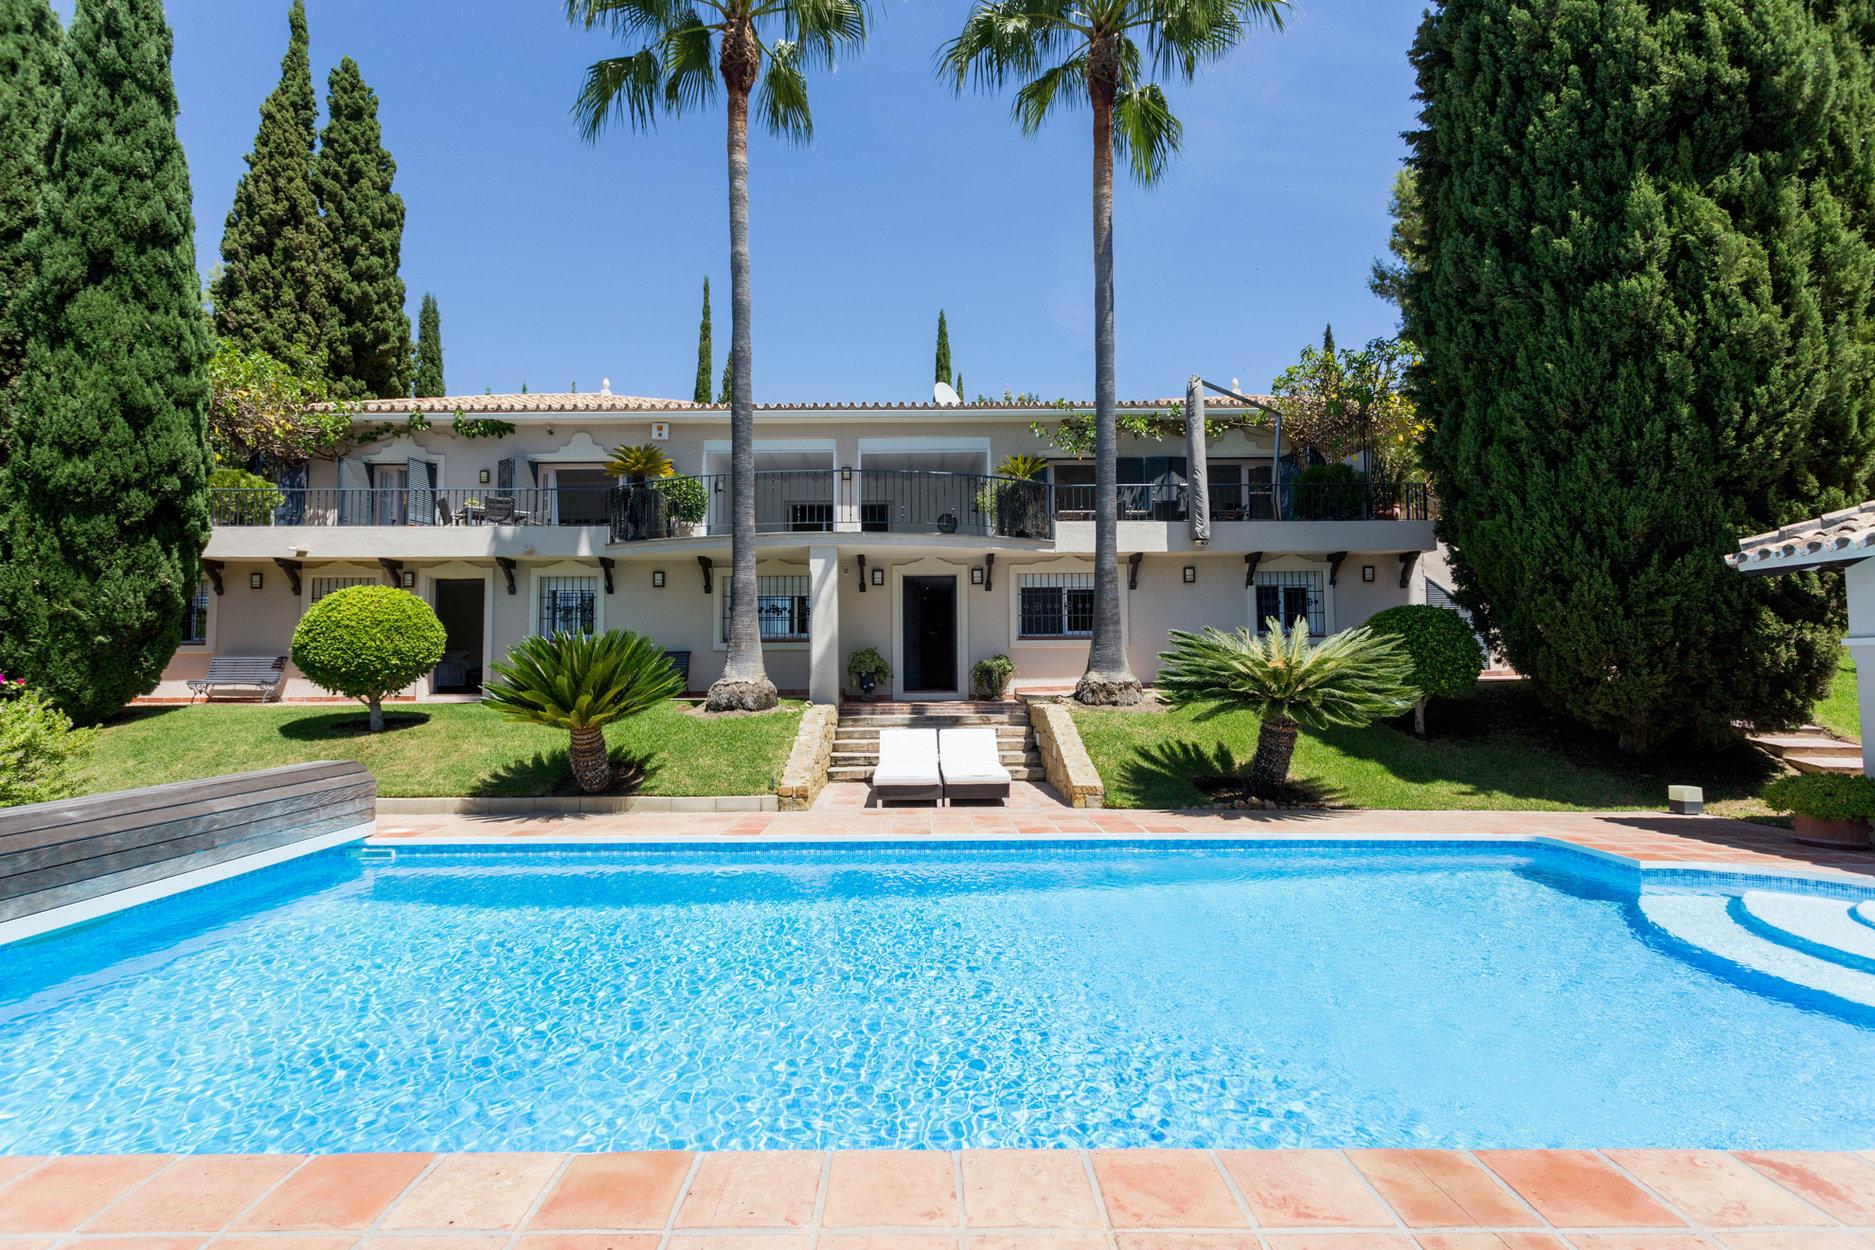 Villa till salu i Benahavis, Puerto del Almendro